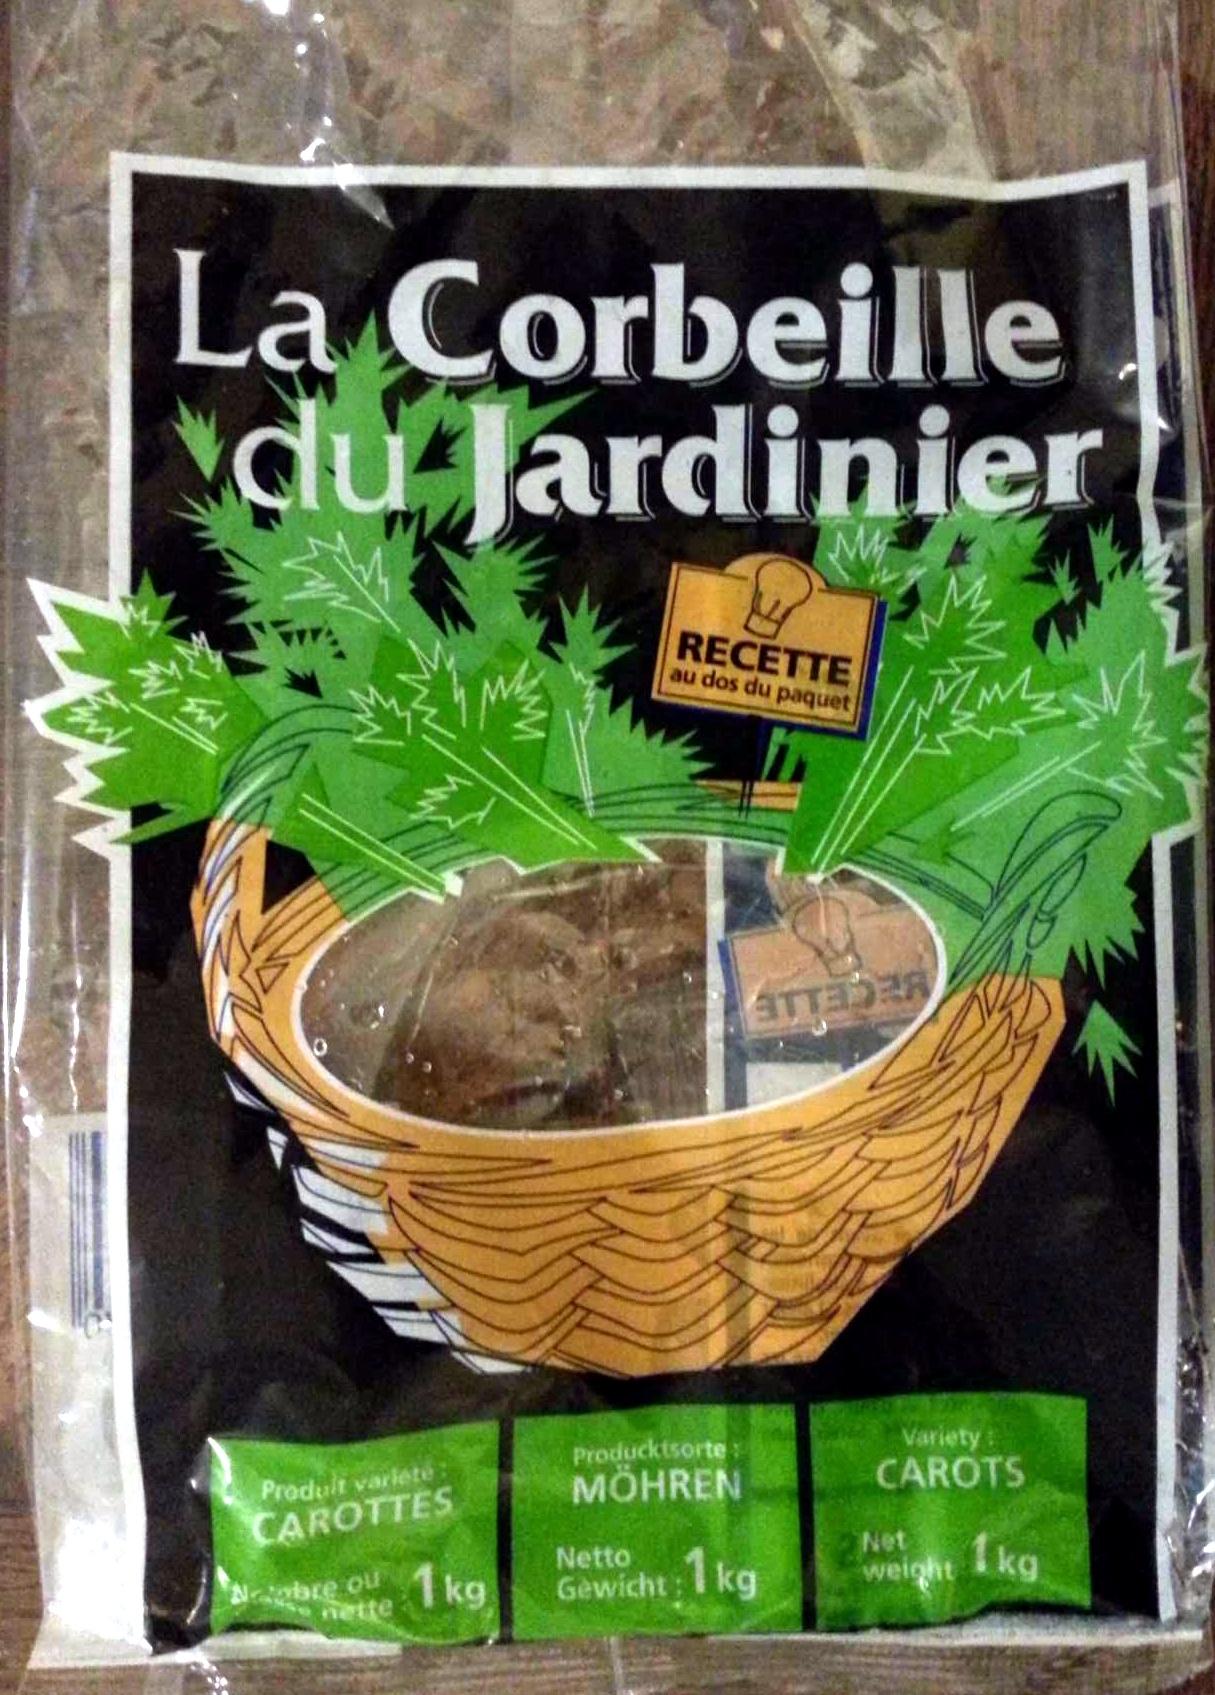 Carottes - Produit